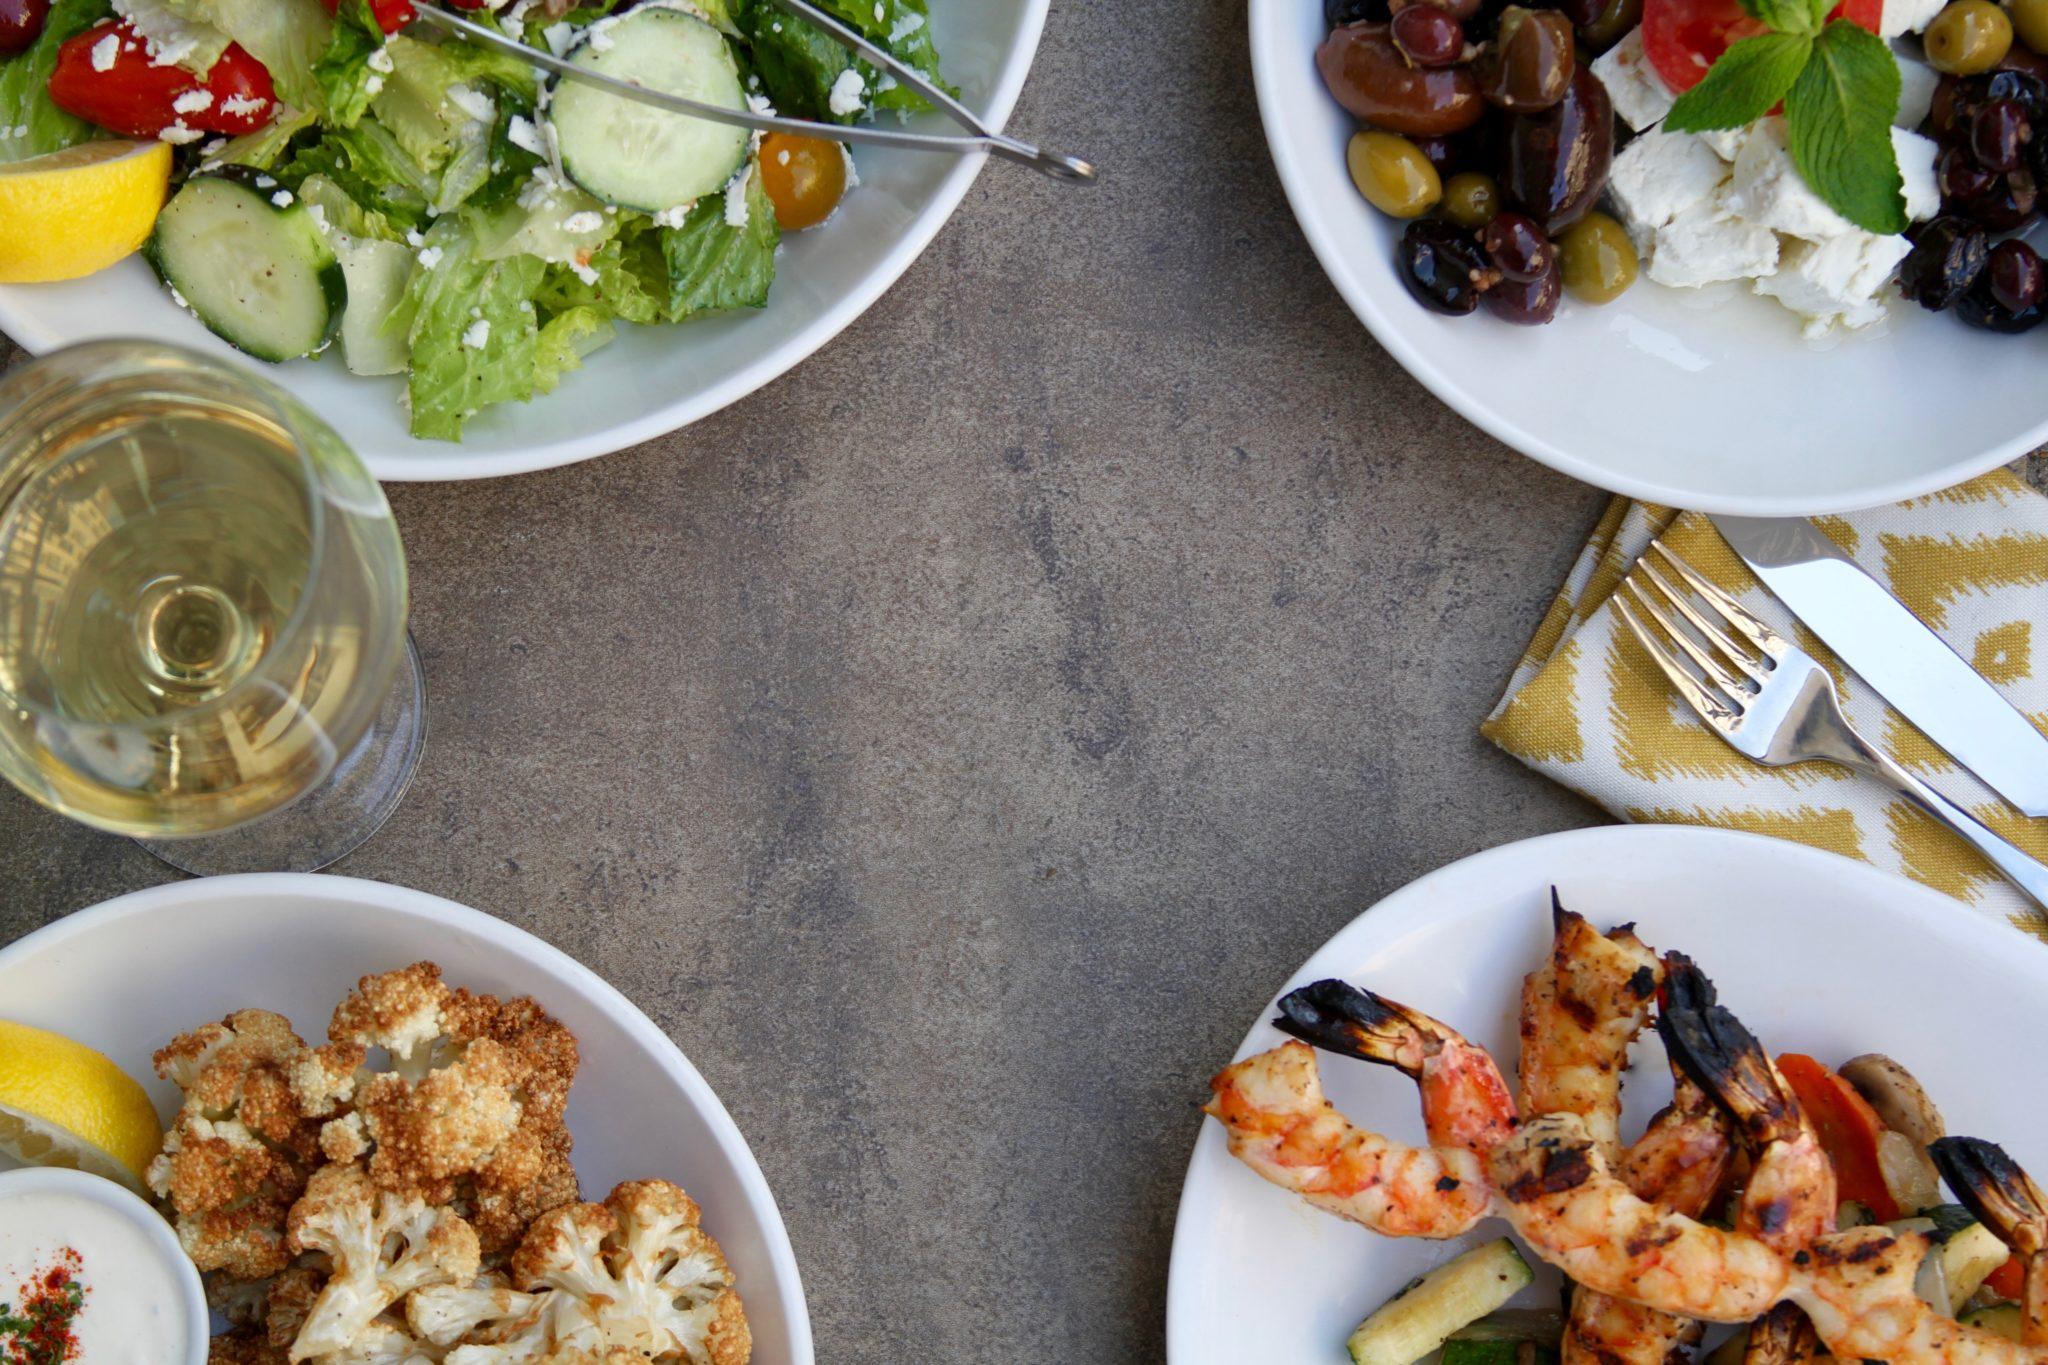 Ali baba mediterranean mediterranean cuisine in dfw for Ali baba mediterranean cuisine